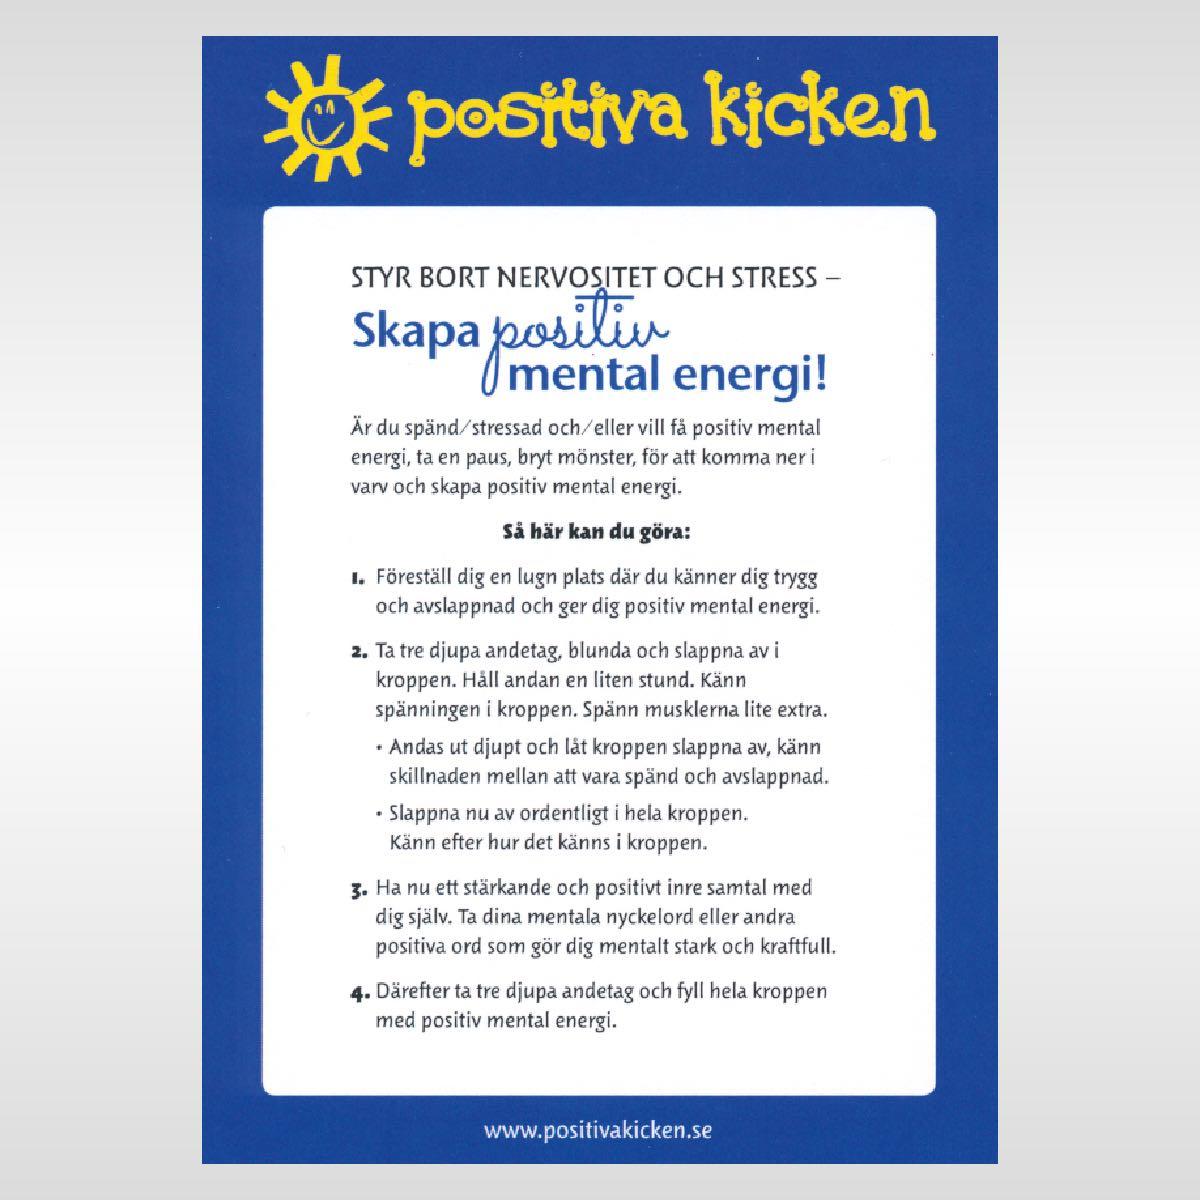 Styr bort nervositet och stress